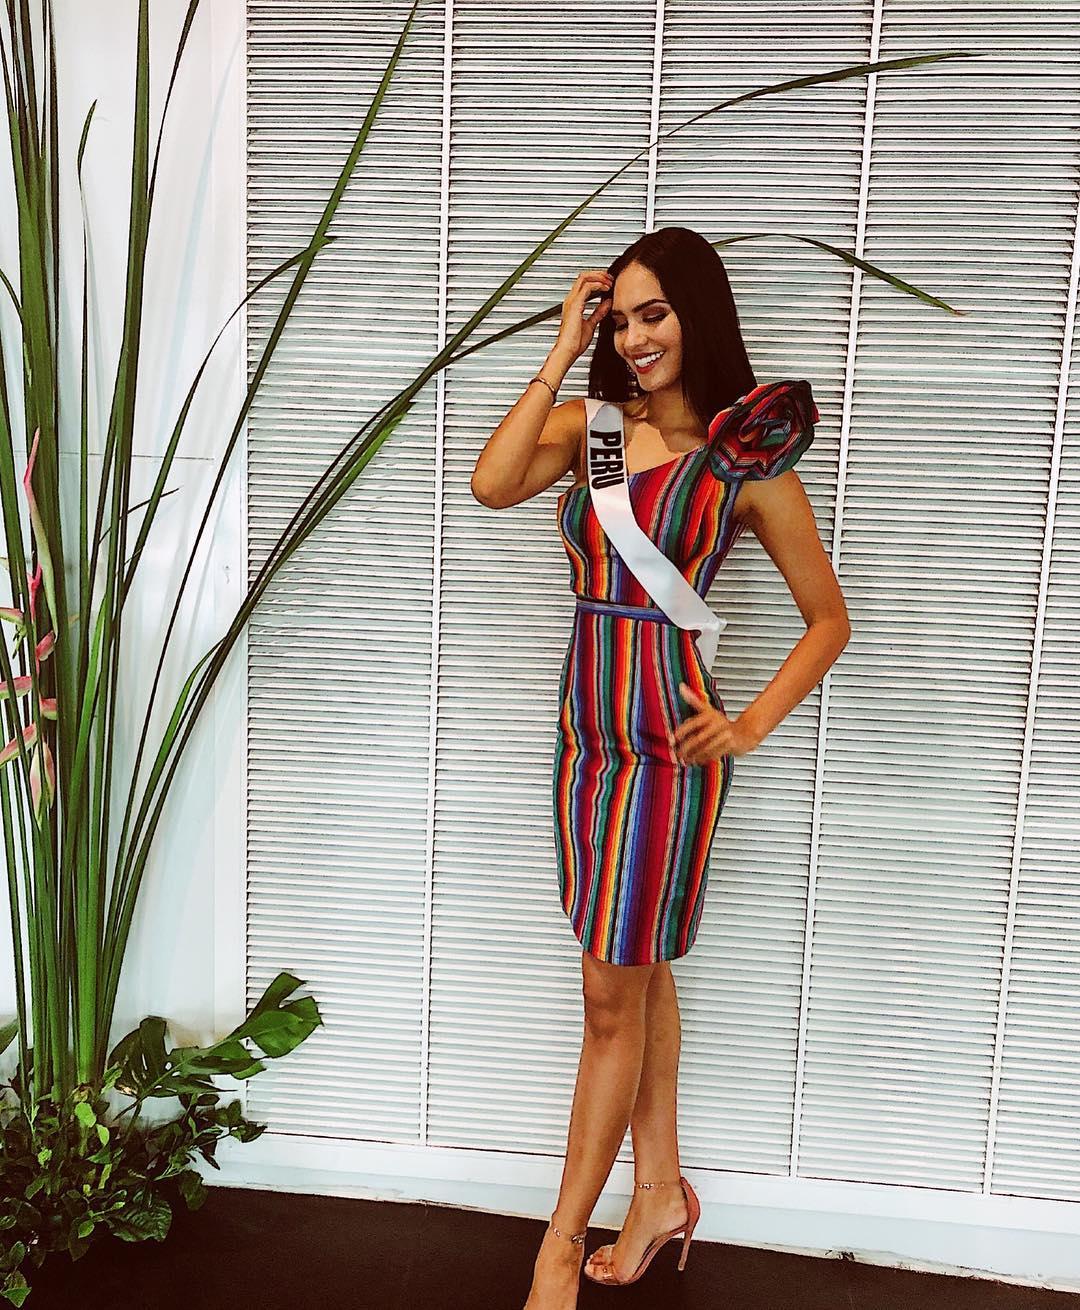 romina lozano, miss charm peru 2020/miss peru universo 2018. - Página 20 46450310